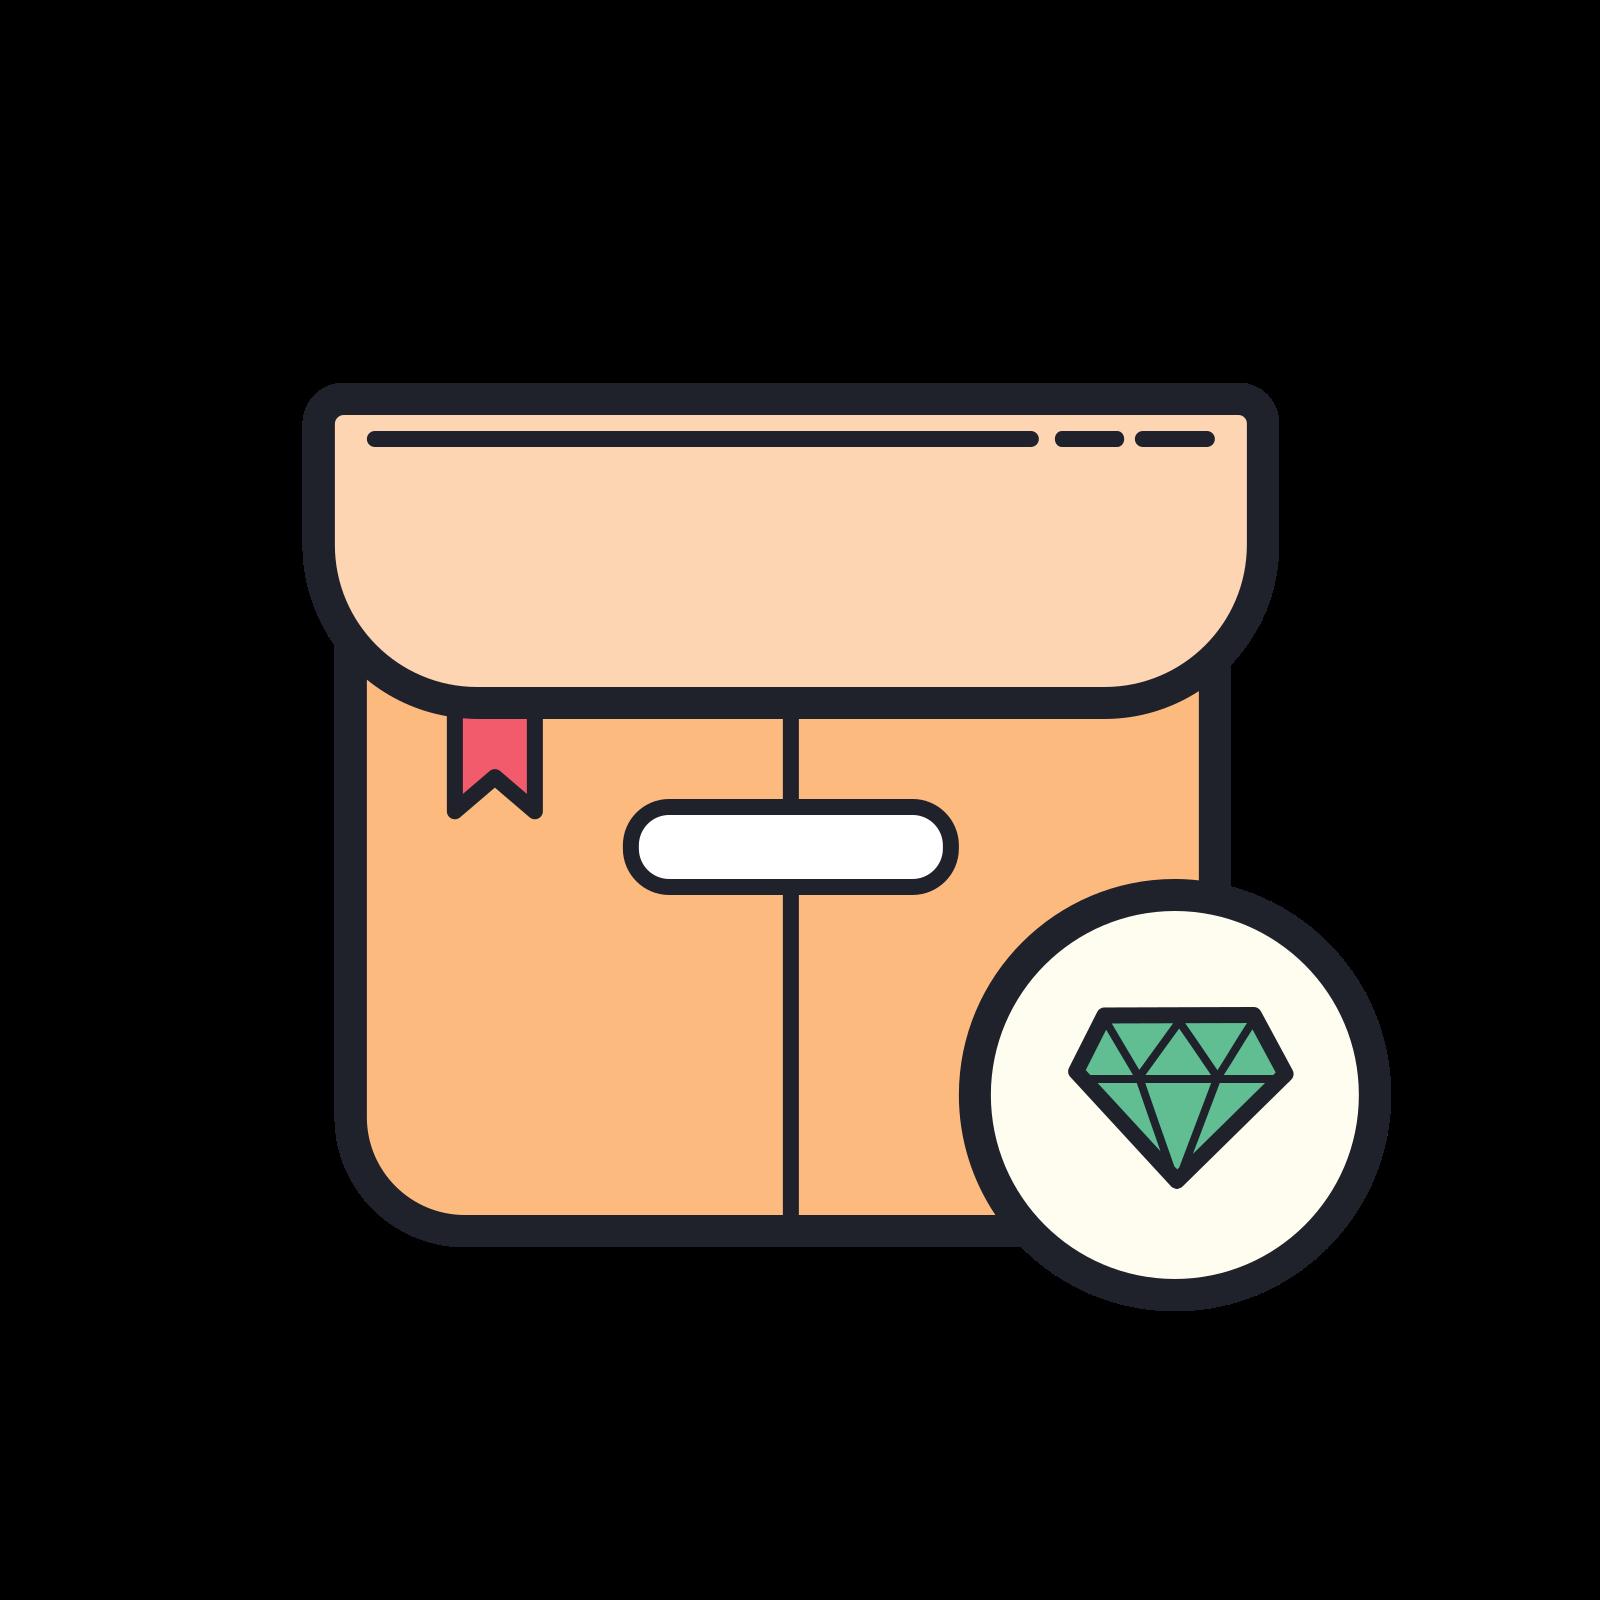 Box Diamond icon